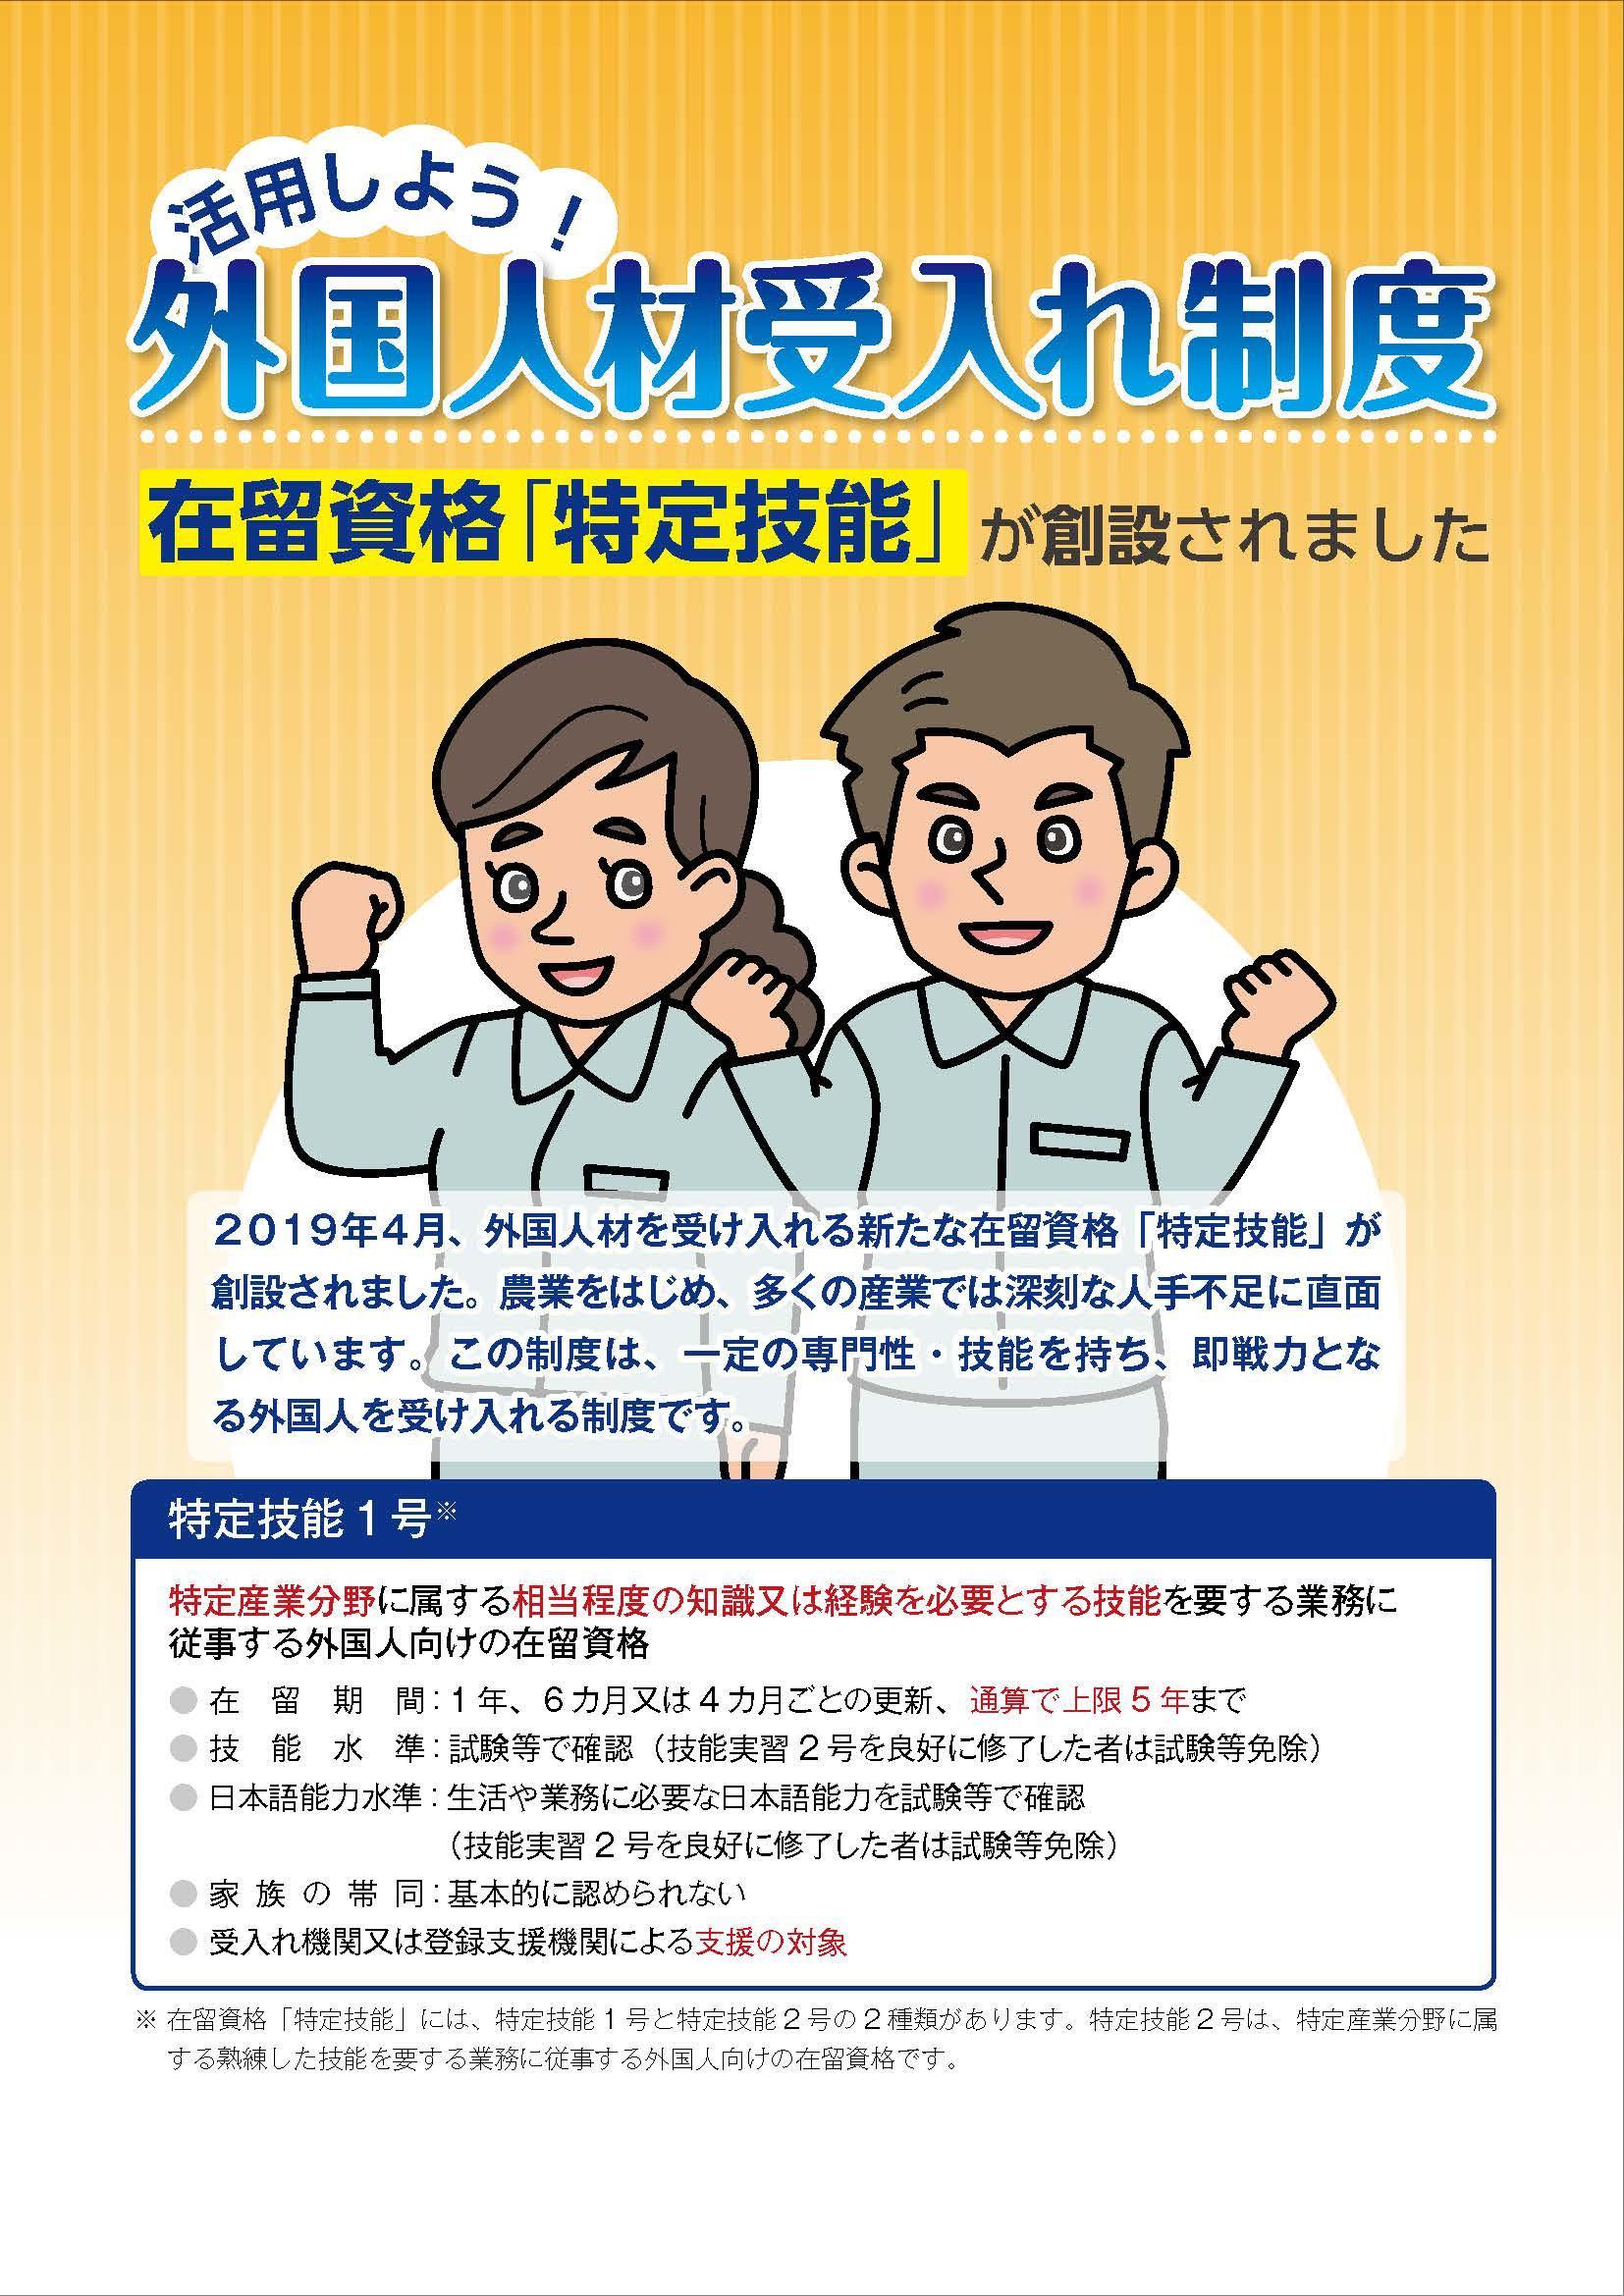 31-14活用しよう外国人材受け入れ制度表紙.jpg